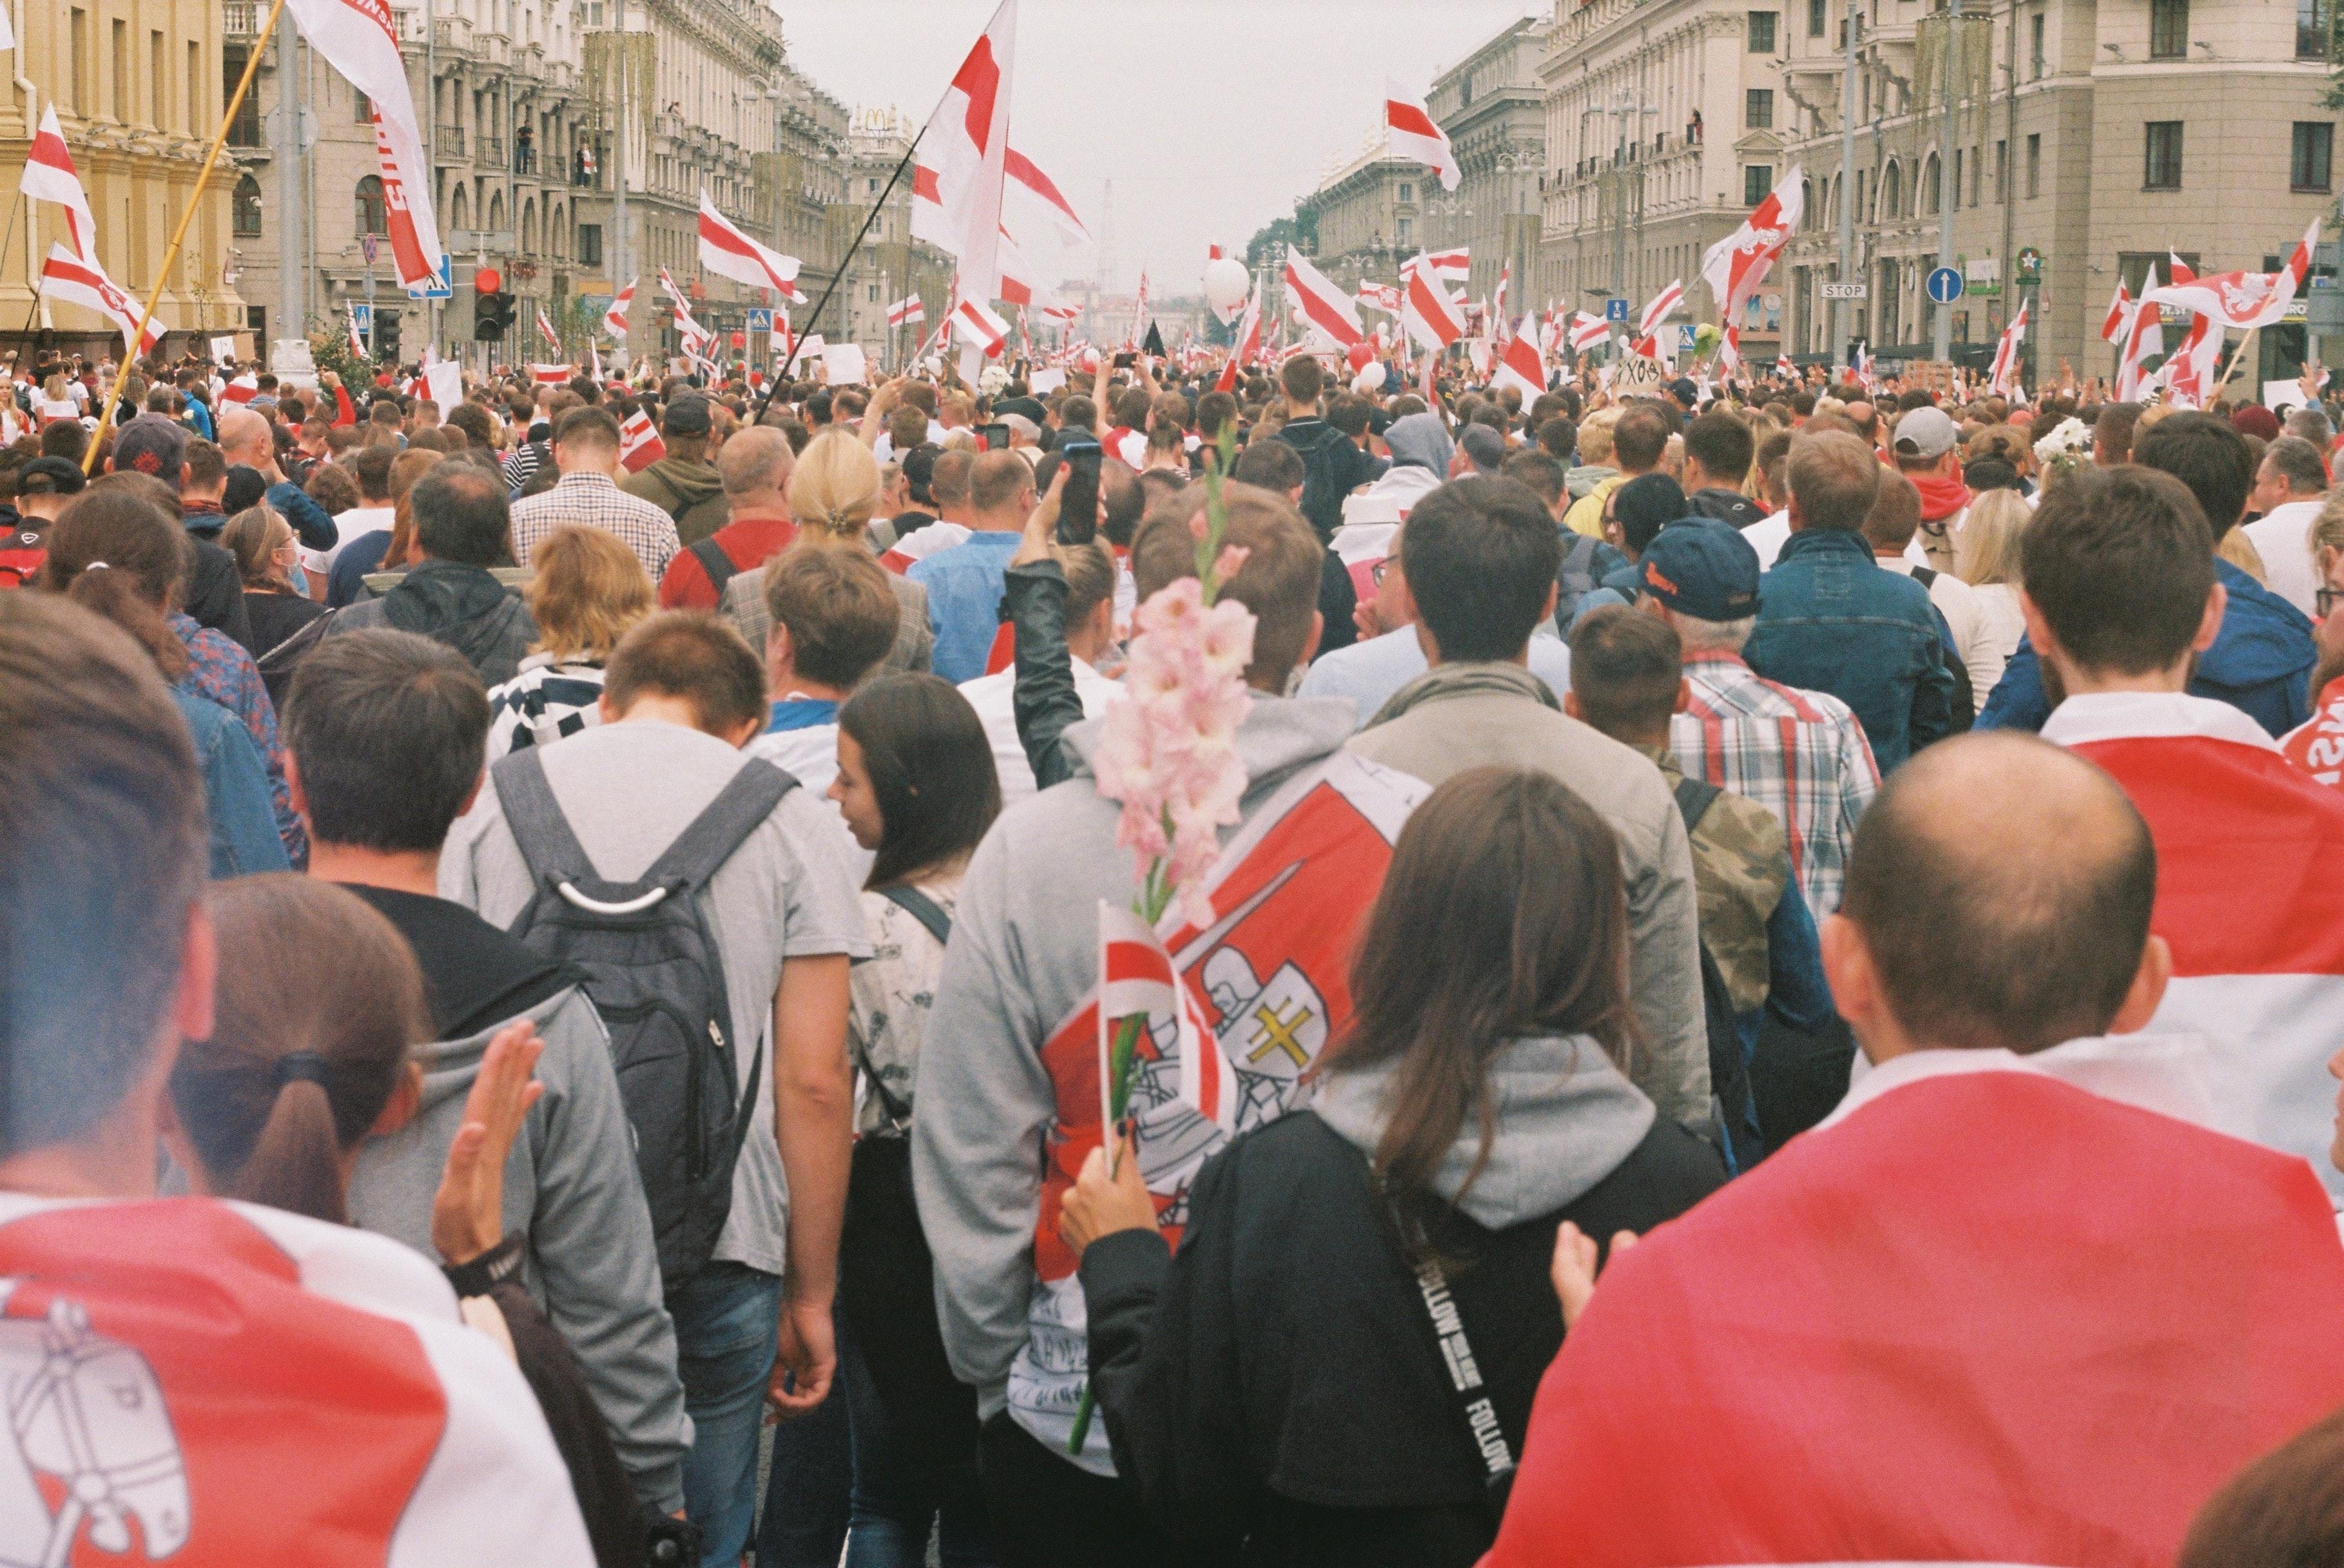 RESC pristatė Lietuvos visuomenės požiūrio į įvykius Baltarusijoje tyrimą